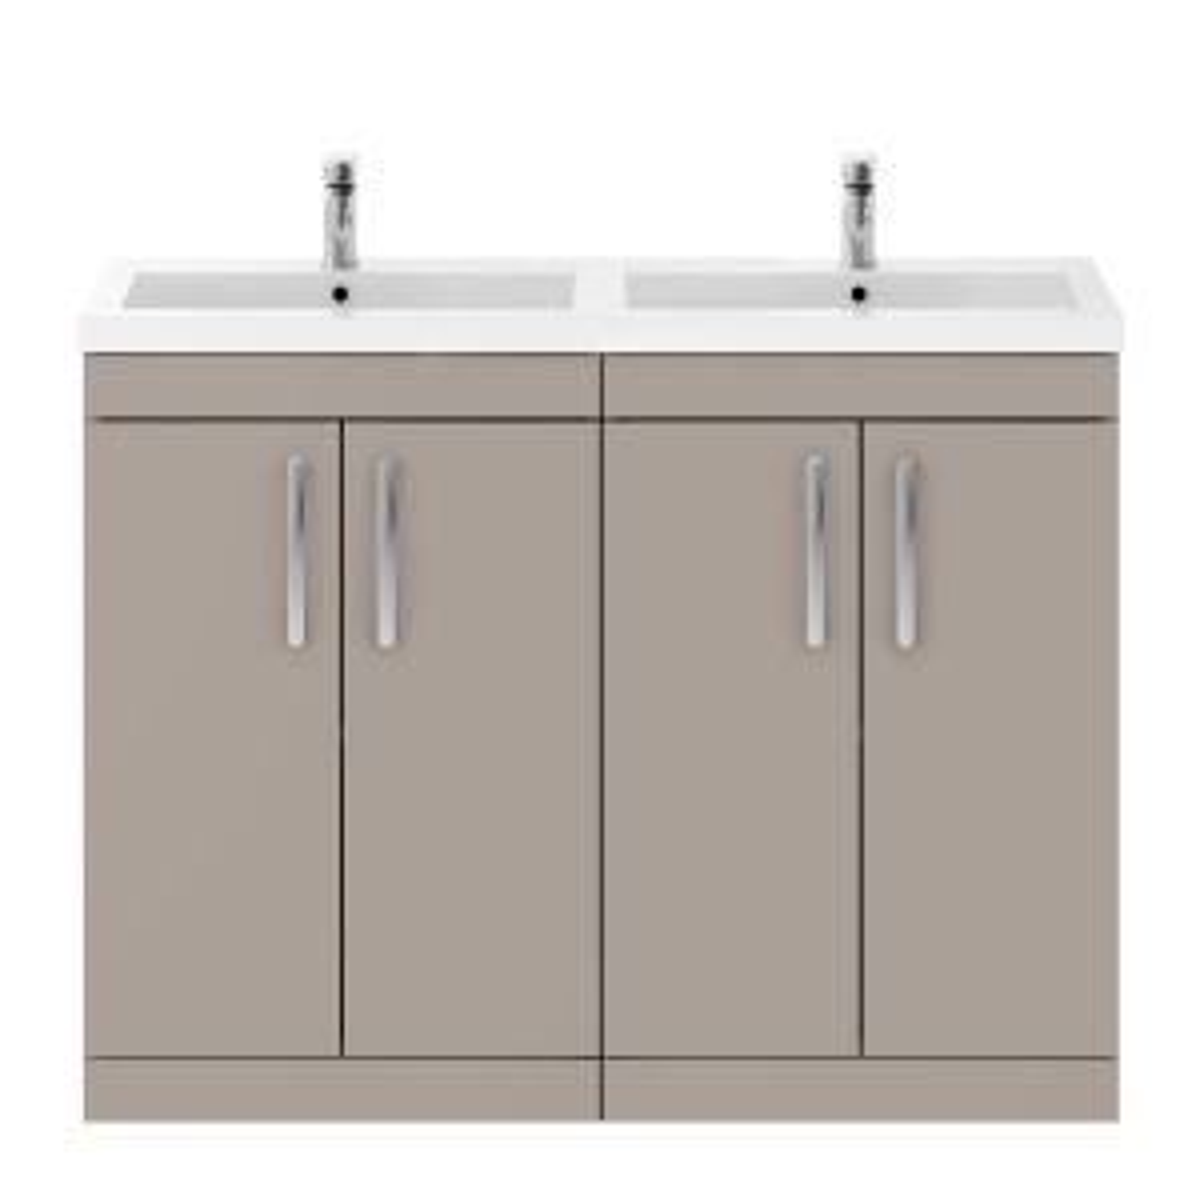 Nuie Athena Stone Grey 4 Door Floor Standing Vanity Unit with Polymarble Double Basin 1200mm